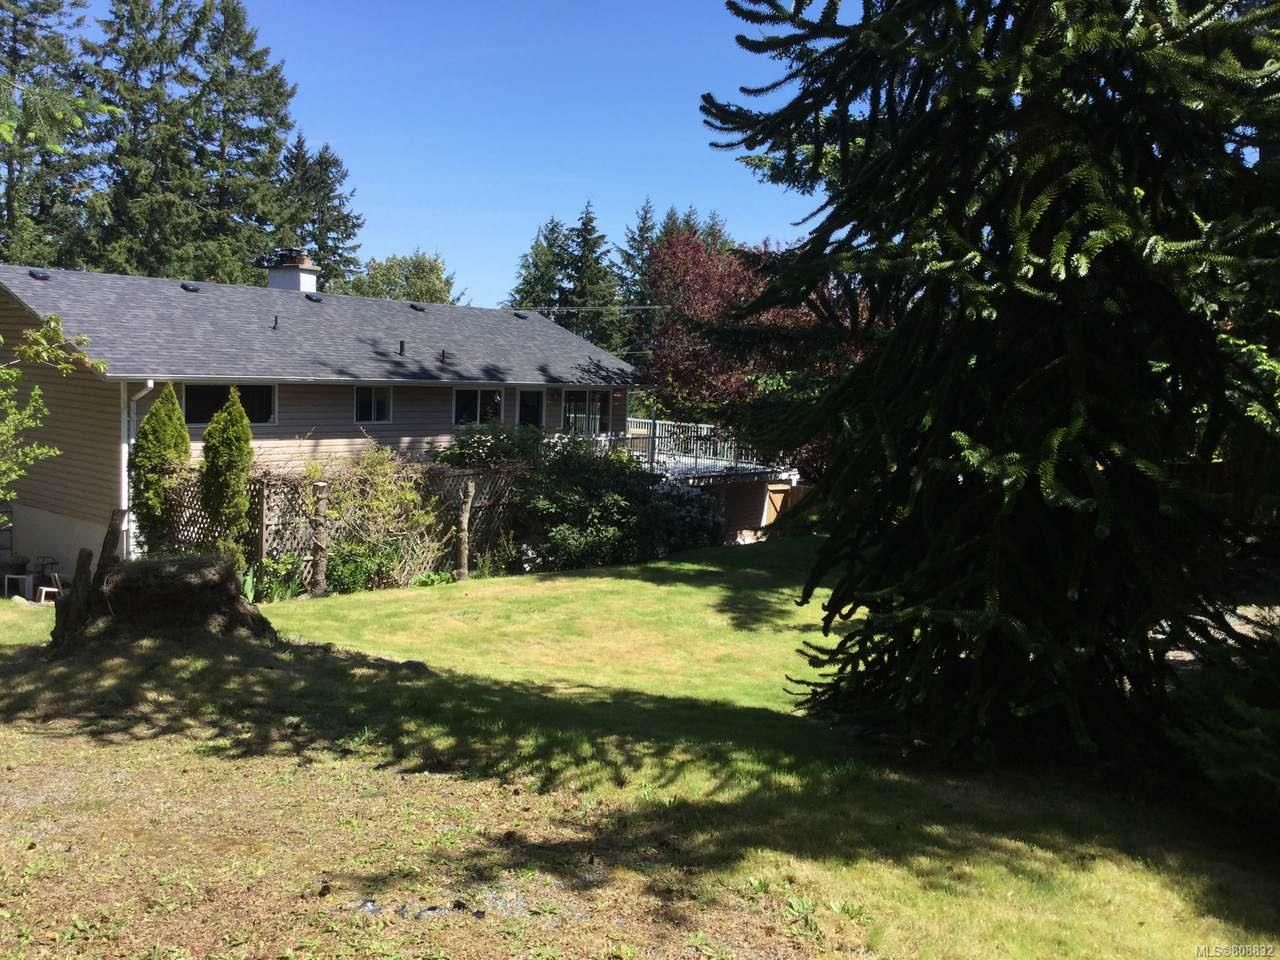 Photo 34: Photos: 5407 Lost Lake Rd in NANAIMO: Na North Nanaimo House for sale (Nanaimo)  : MLS®# 808832